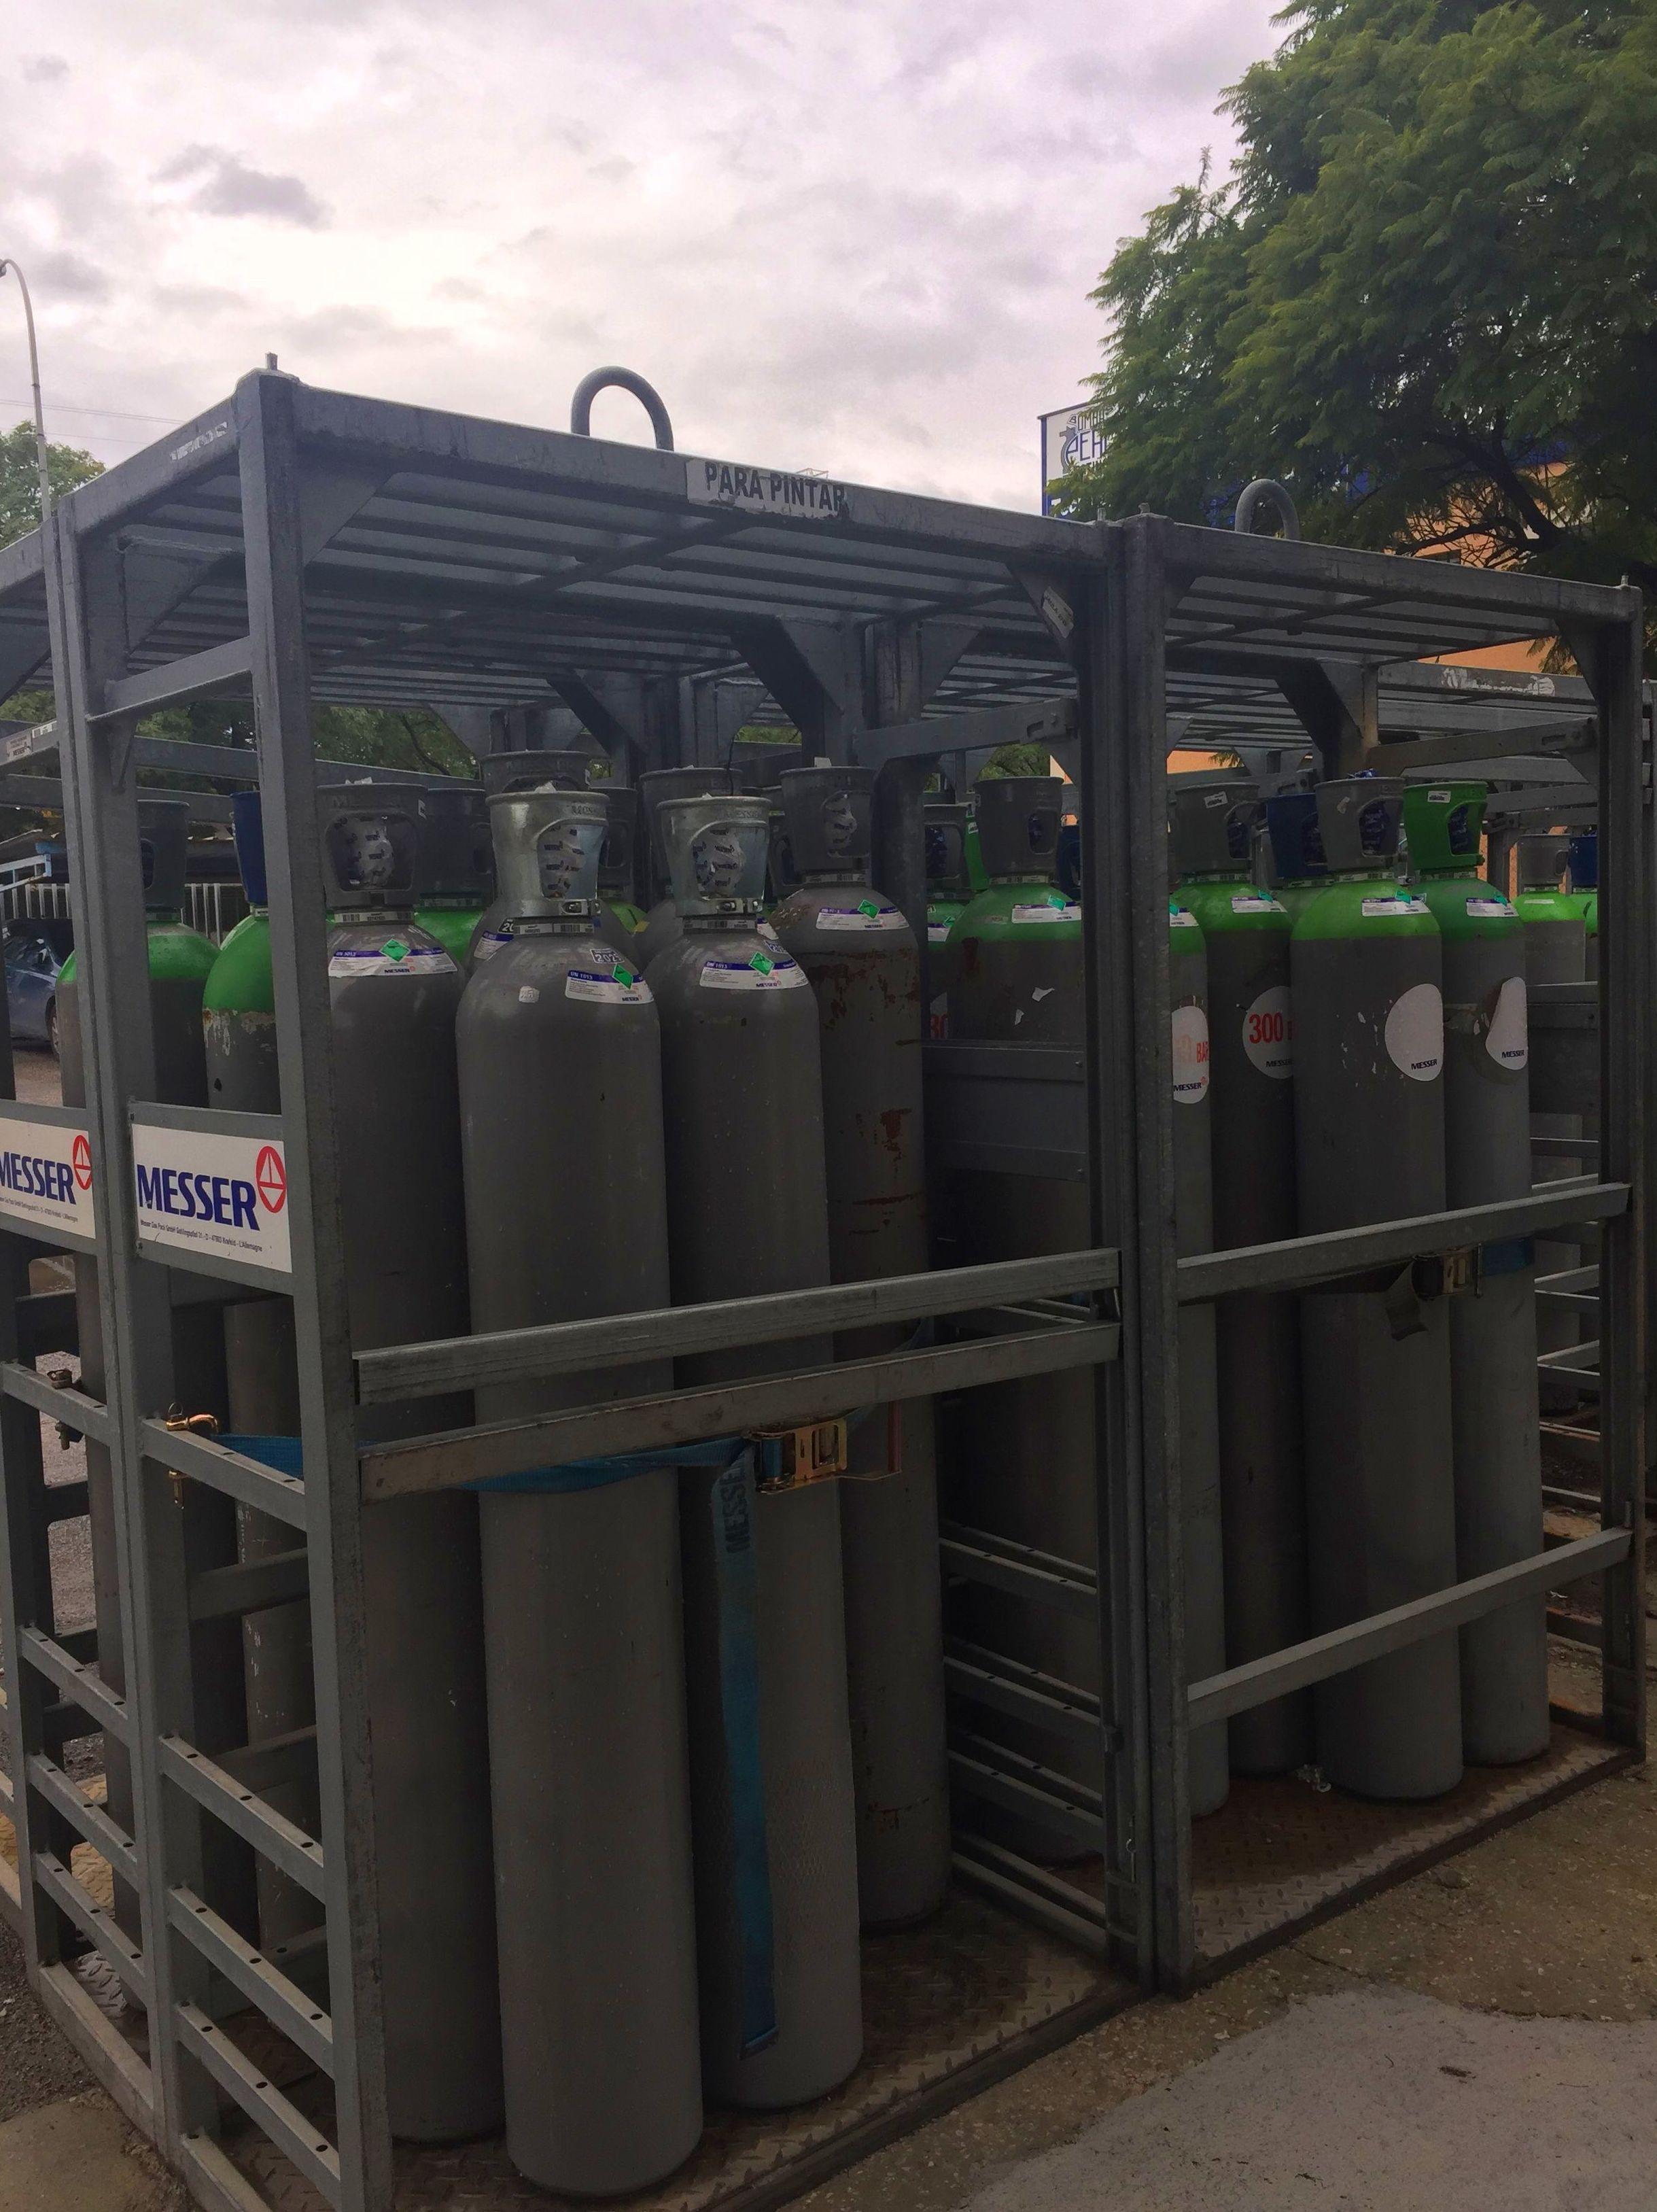 Foto 16 de Venta y distribución de gases industriales y alimentarios en San Ginés | Disgasin, S.L.